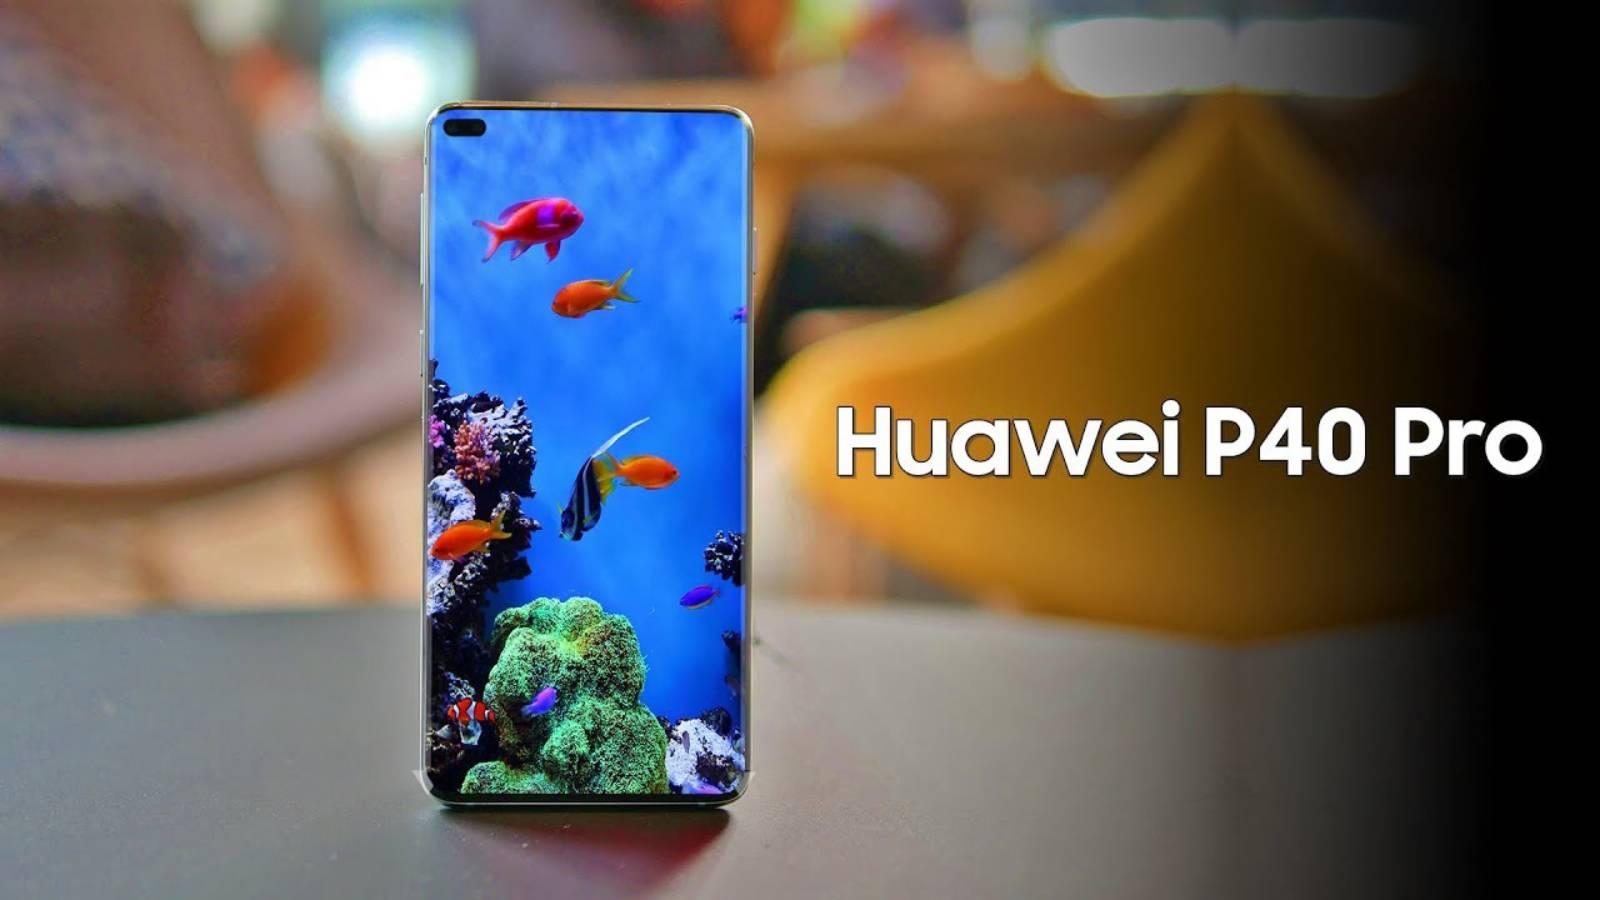 Huawei P40 Pro final